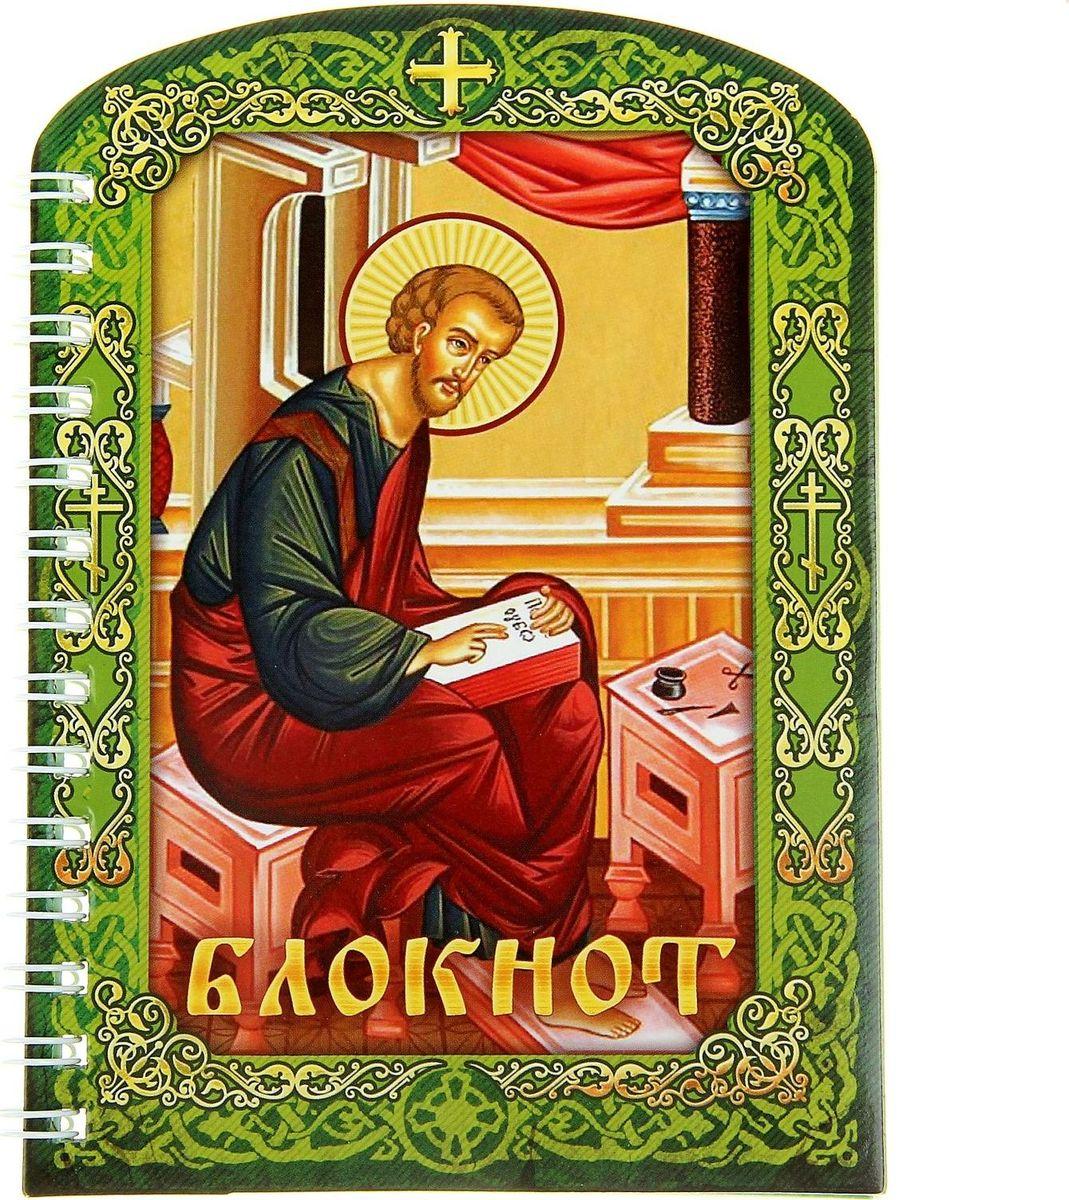 Блокнот Царю Небесный 50 листов825610Блокнот оригинальной формы Царю Небесный придется по душе любому. Внутренний блок содержит 50 листов качественной бумаги с полноцветными страницами. Удобное крепление на пружине позволит при необходимости легко отделять листы. На обложке изображен Евангелист - человек, на котором пребывает Дух Святый, на обратной стороне содержится молитва Святому Духу.Такой блокнот будет прекрасным подарком на день рождения, день ангела или на любой другой праздник.Преподобный Серафим Саровский учил, что цель жизни христианина - стяжание Духа Святого, то есть такое состояние человека, когда Святой Дух непостижимо вселяется в него и пребывает в нем.